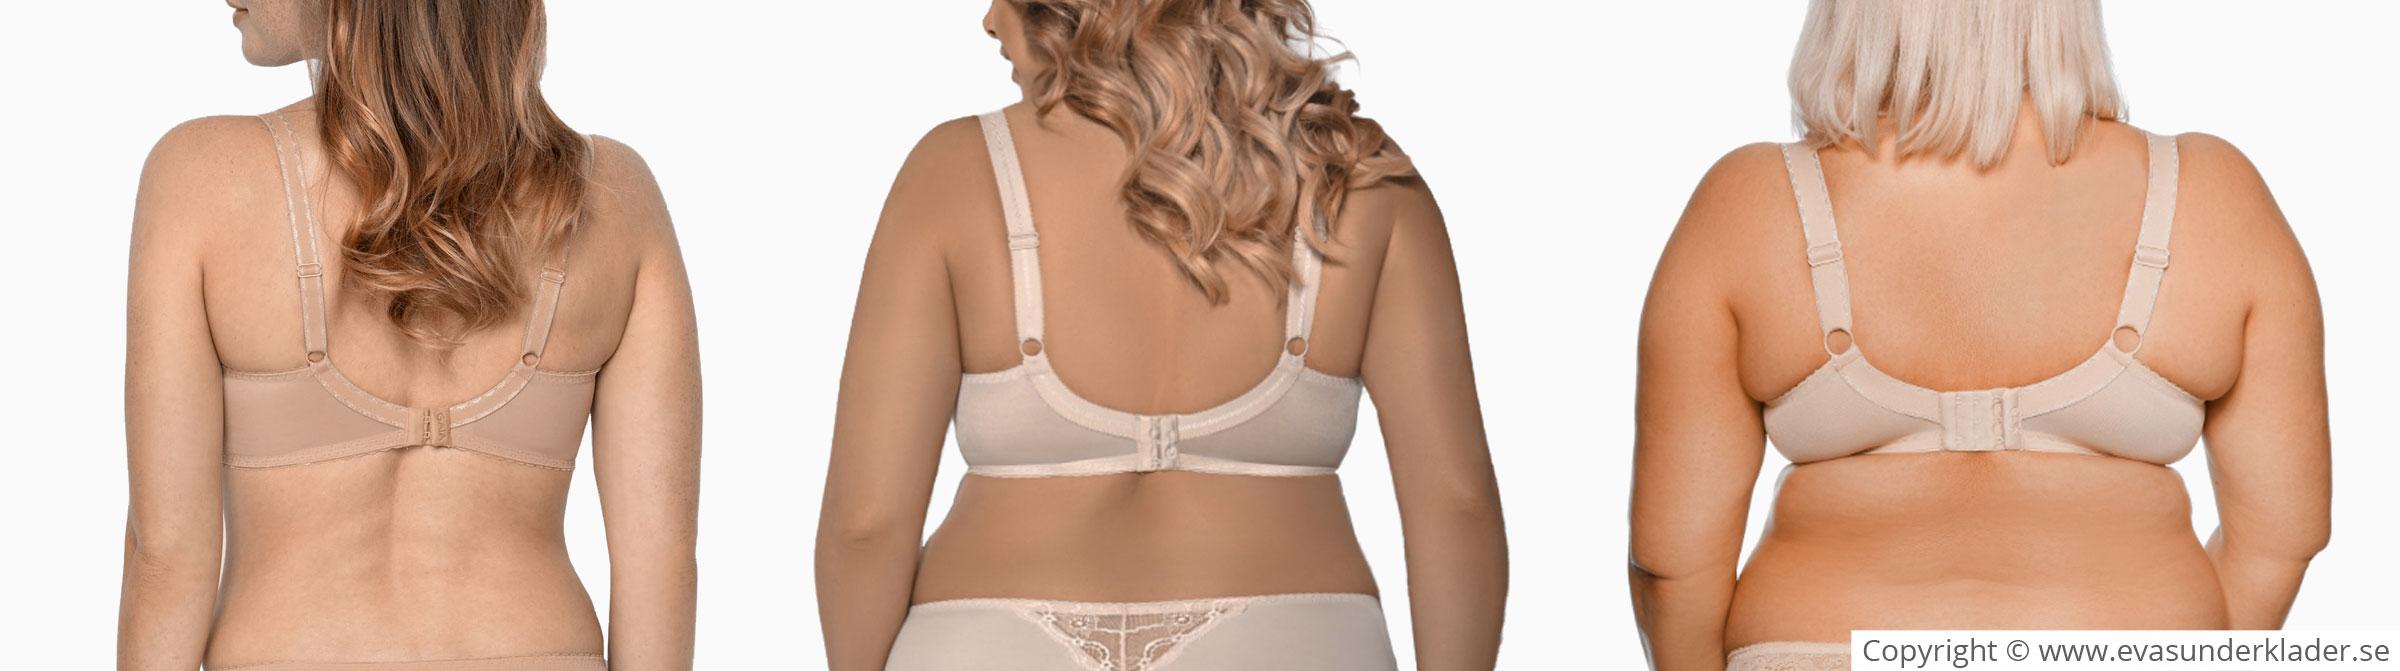 ประเภทของร่างกายแบบต่างๆ ผอม,อ้วน/อวบแต่กระชับ/เนื้อนิ่มเหลว ภาพกลางคือคนที่มีขนาดรอบลำตัวที่ใหญ่ที่สุด!